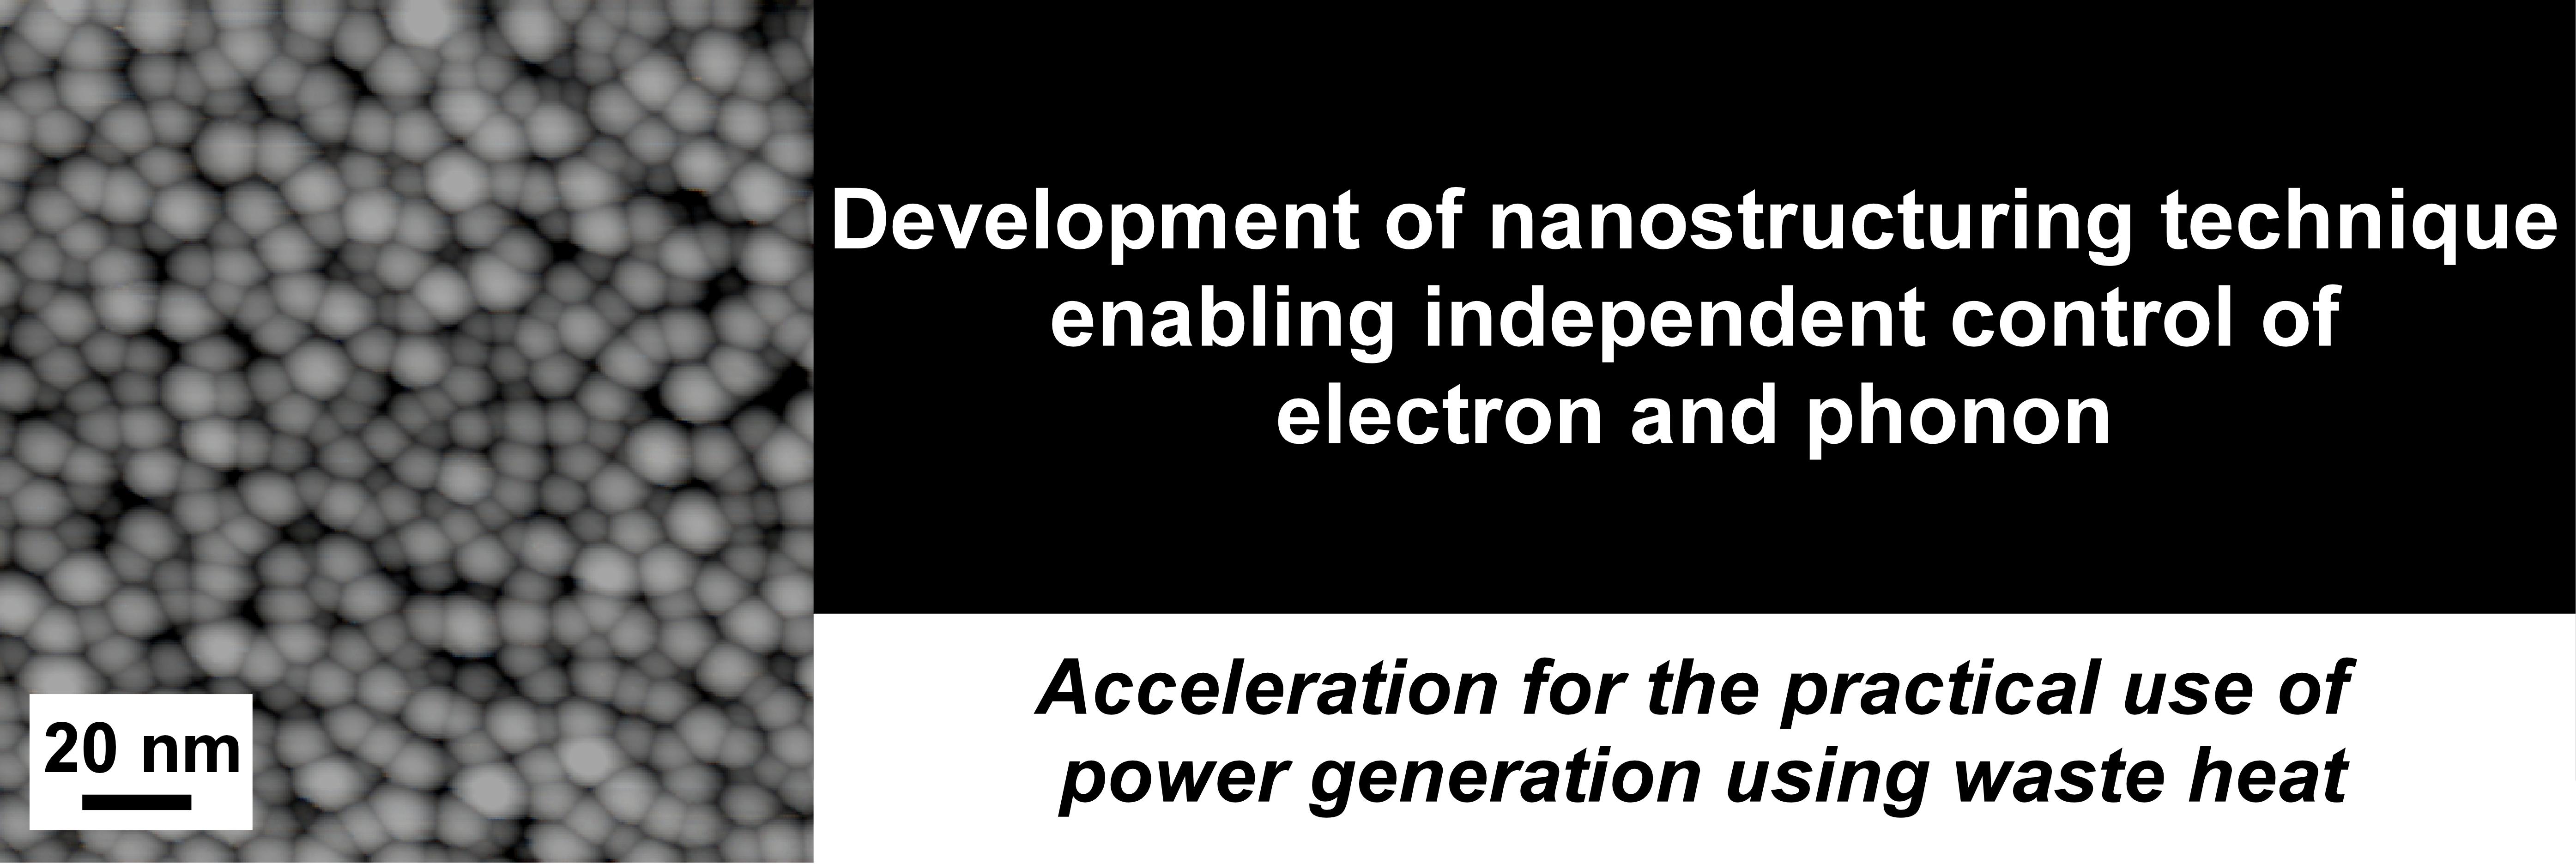 熱と電気の同時制御を可能とする ナノ構造技術の開発